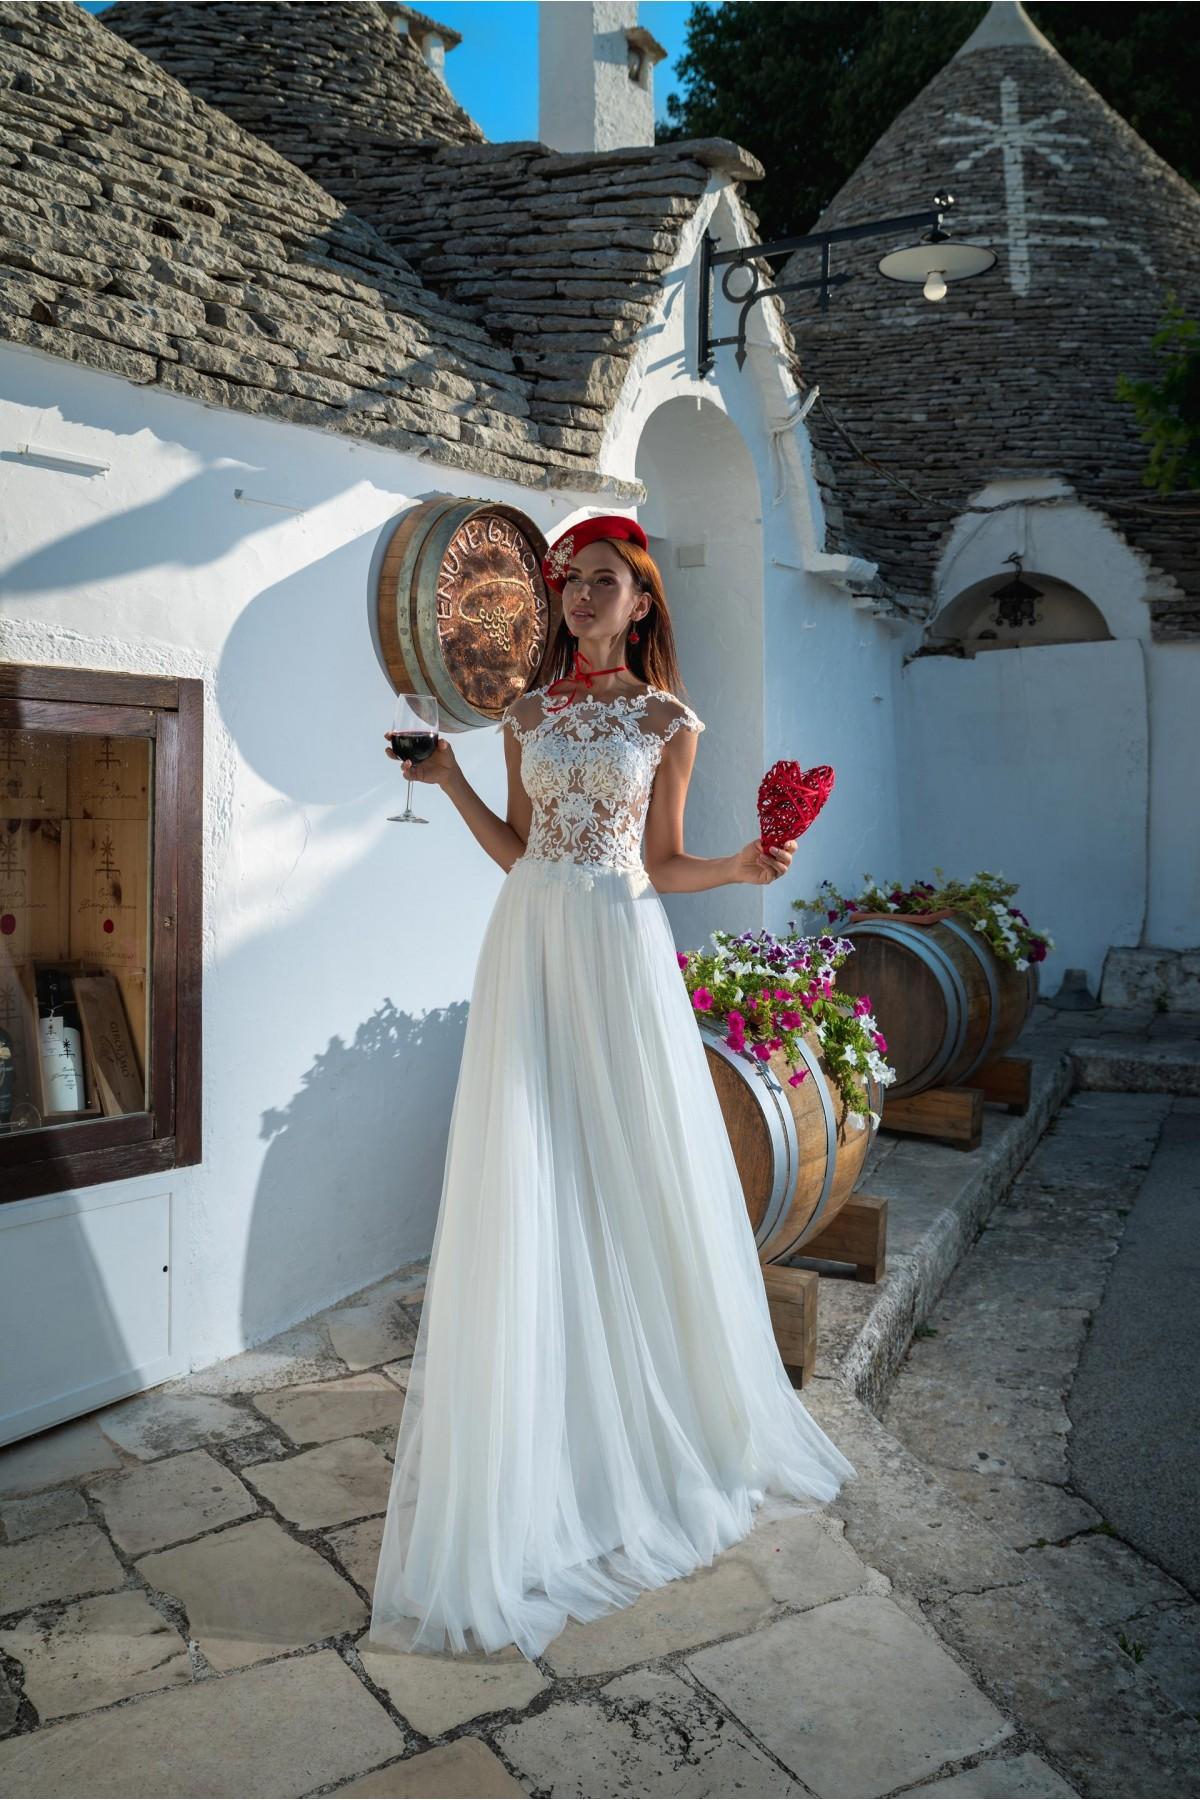 a76239d4b Tento model môžete ihneď skúšať alebo zakúpiť vo veľkosti 38 vo farbe ivory  vo Svadobnom centre EvaMária v Seredi na M. R. Štefánika 9. Svadobné šaty  ...